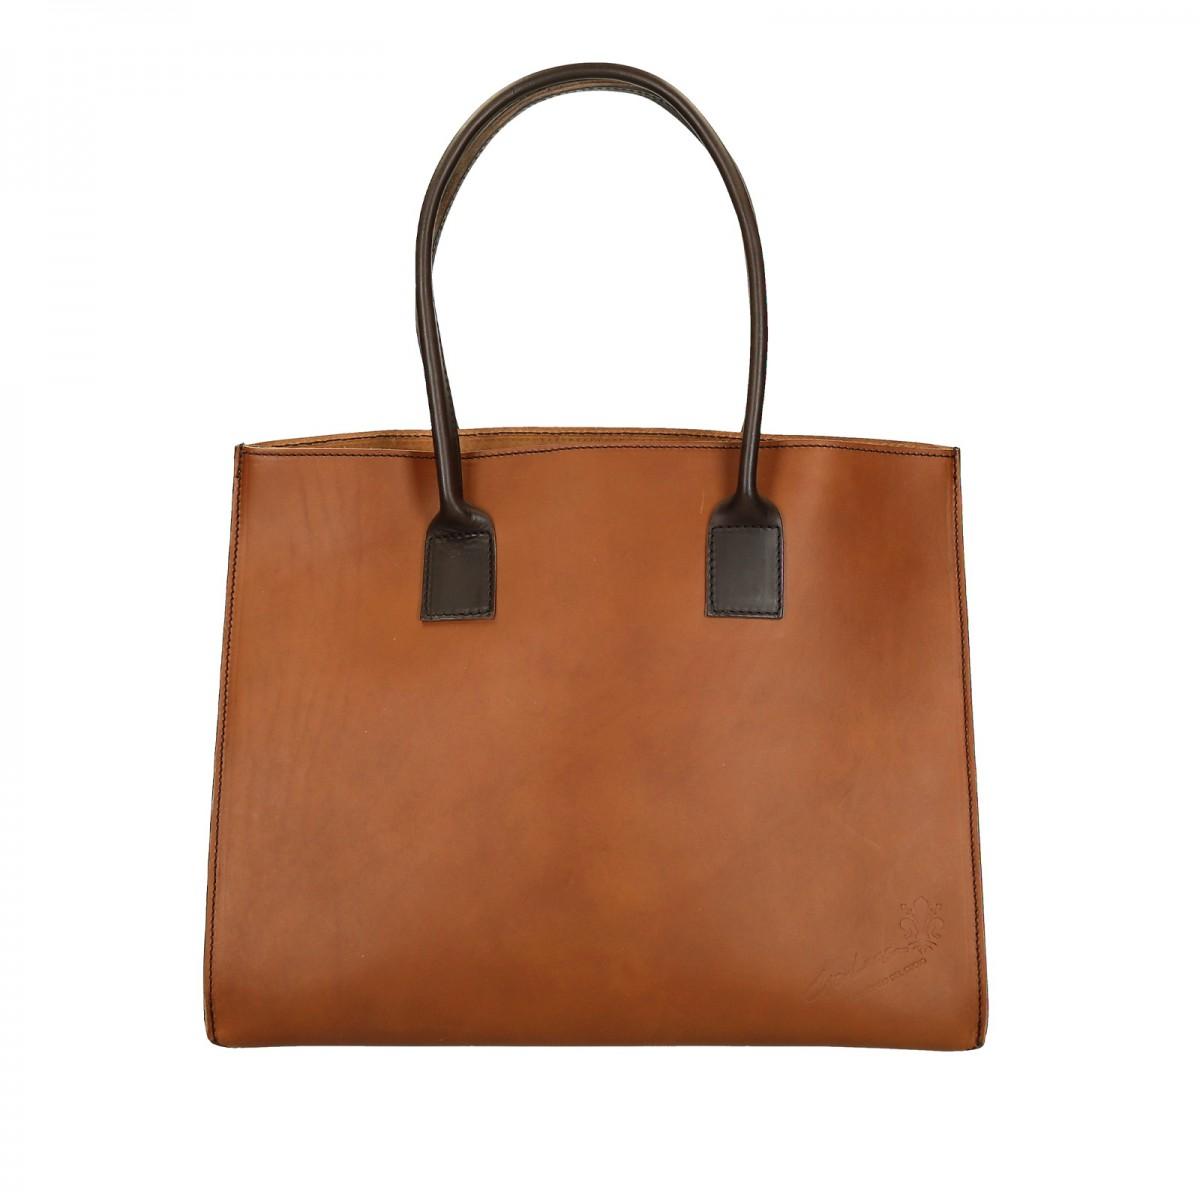 nuevo estilo 7adfd 1d1fd Bolso shopping de piel bicolor hechos a mano